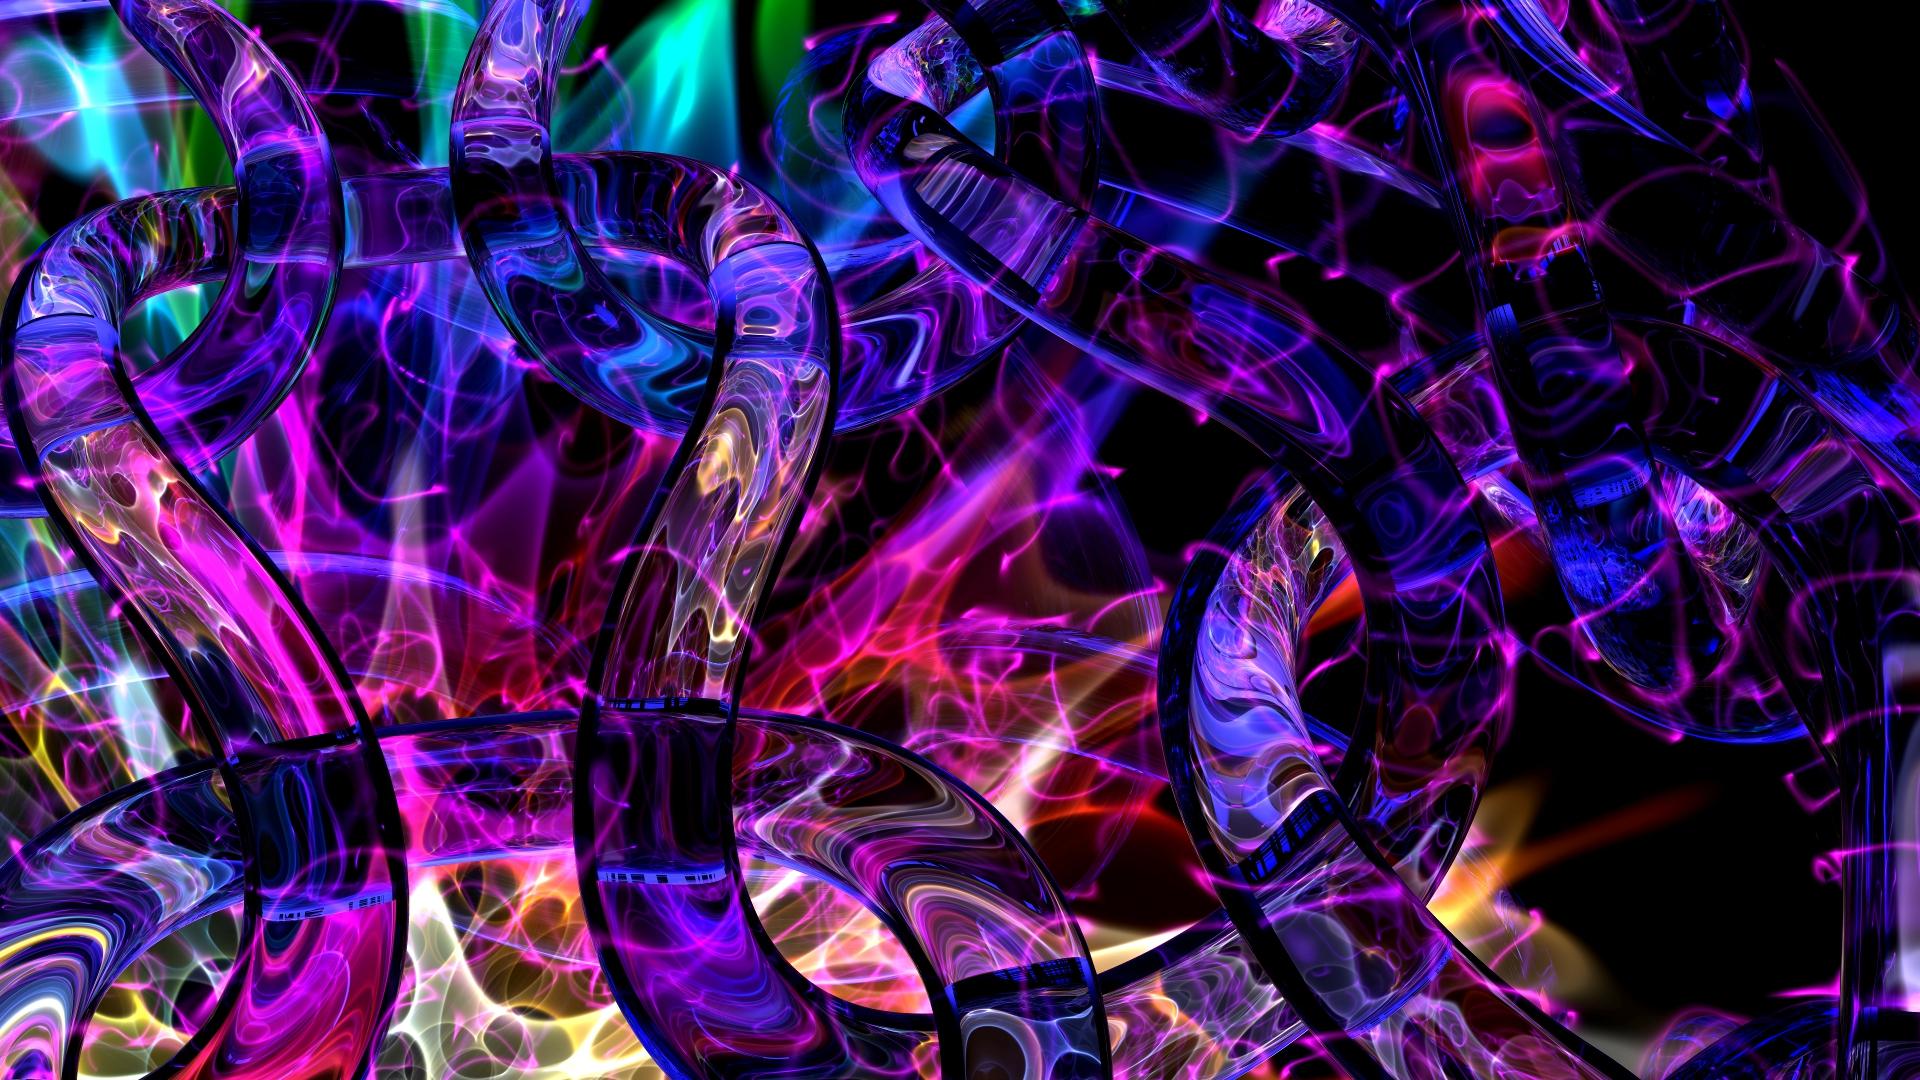 Artist Trippy Unknown Desktop wallpapers HD   374759 1920x1080